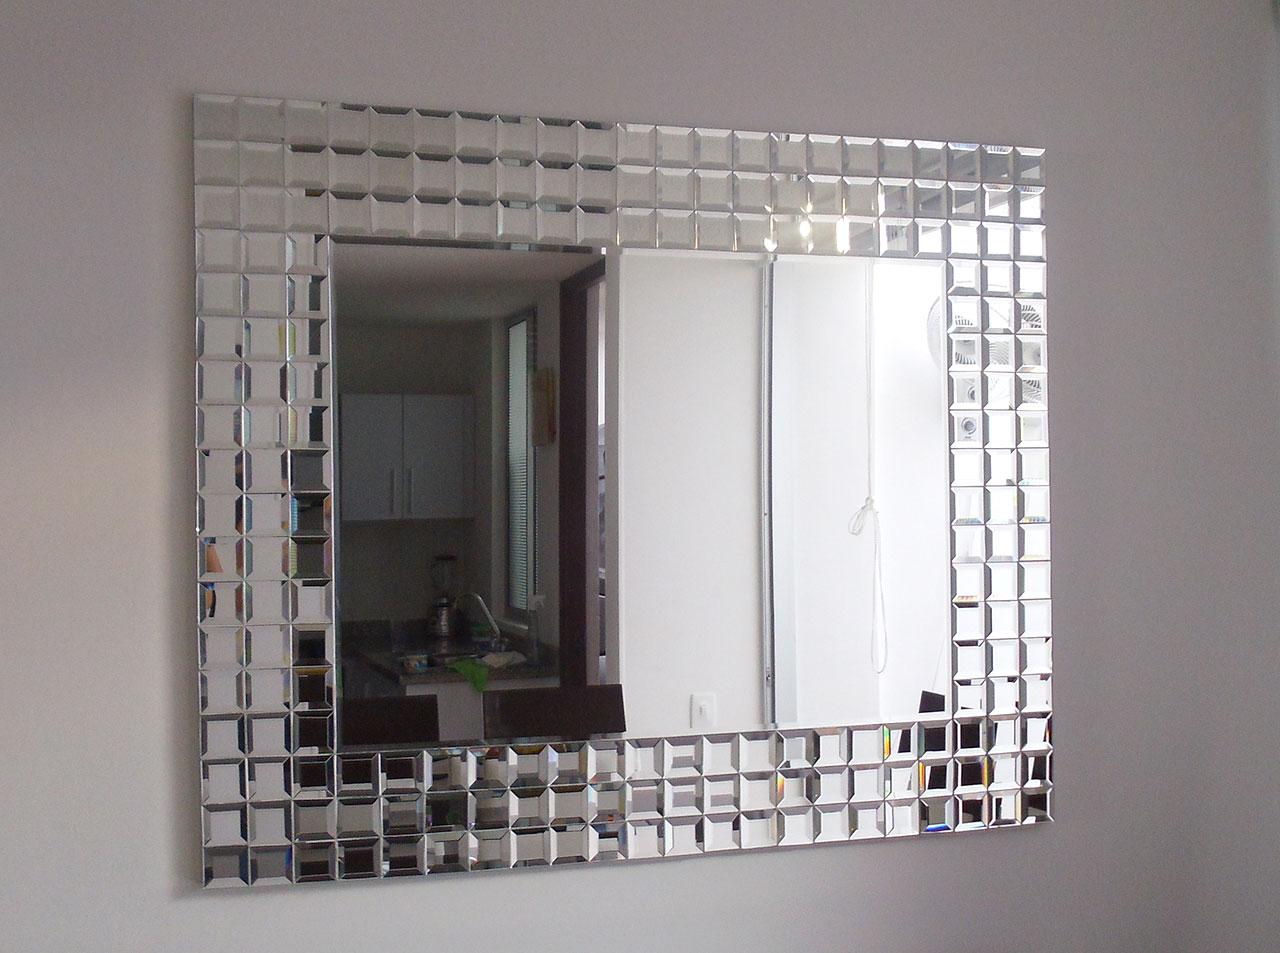 Espejos decorativos y dise os ferba decoraciones for Espejos para decoracion interiores